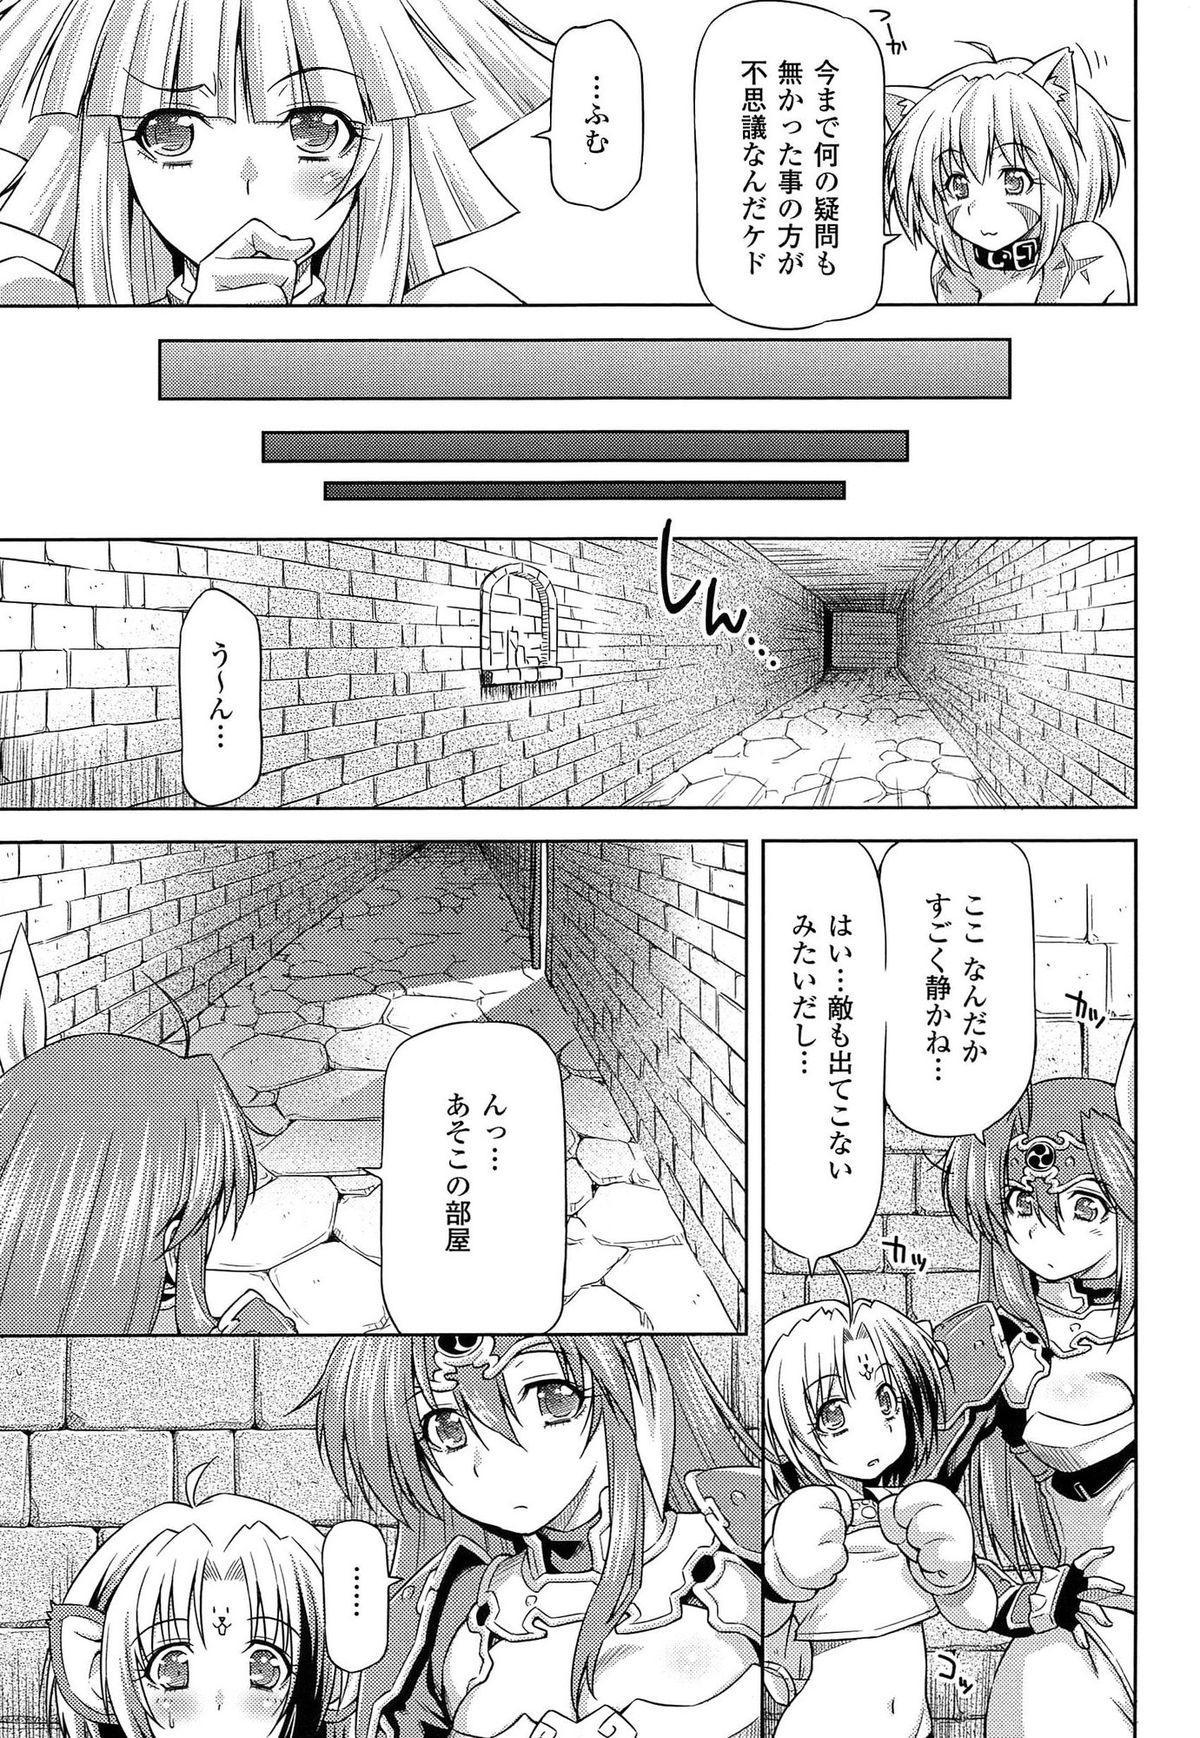 [kazuma muramasa, ZyX] Ikazuchi no Senshi Raidy ~Haja no Raikou~ THE COMIC 92